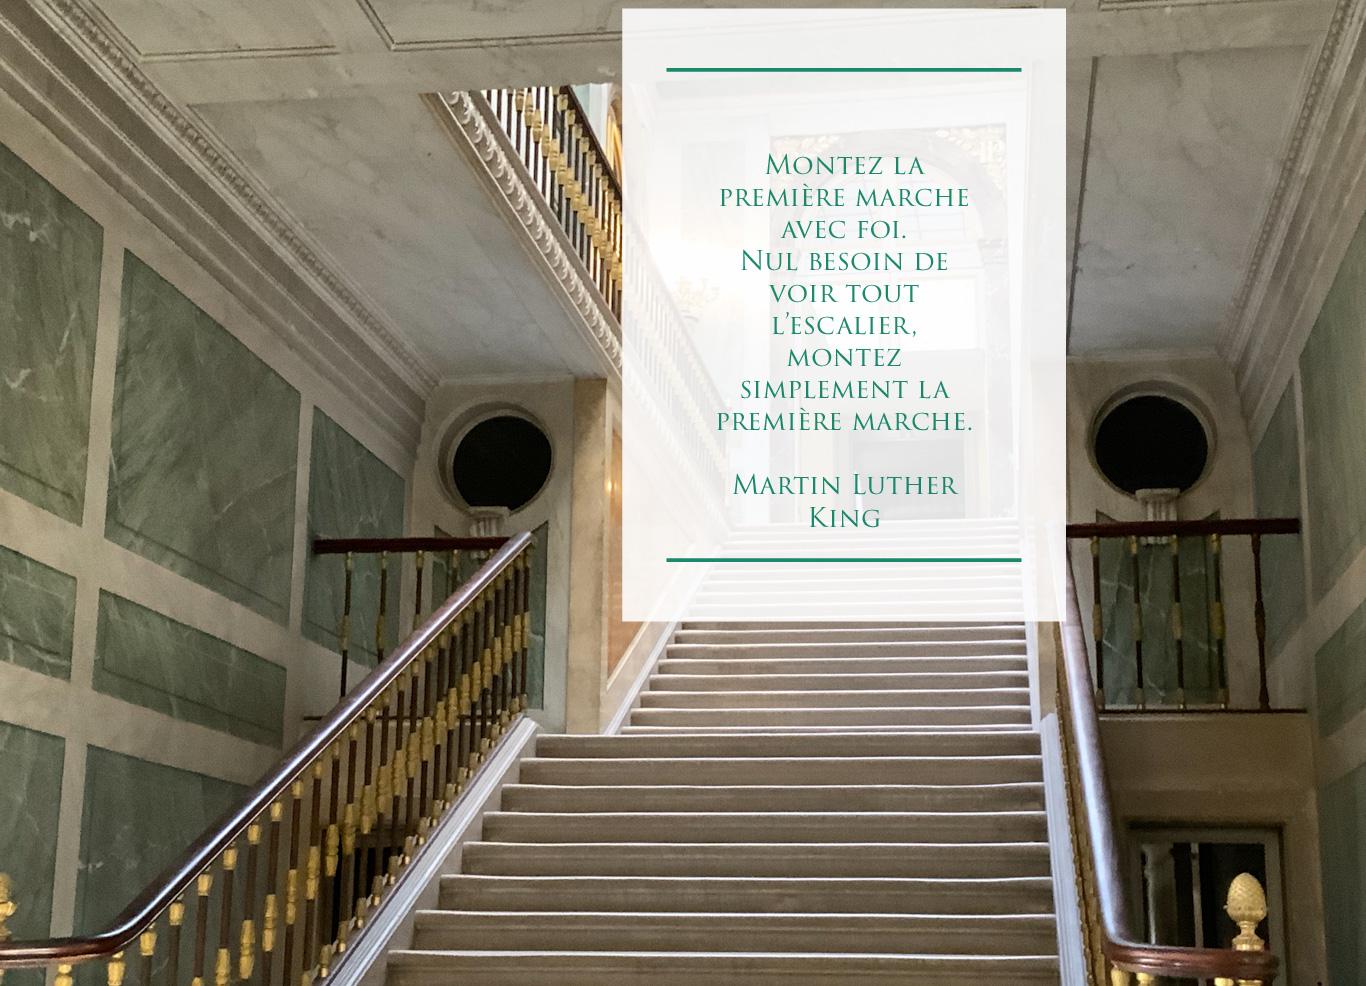 Escalier de Versailles et citation